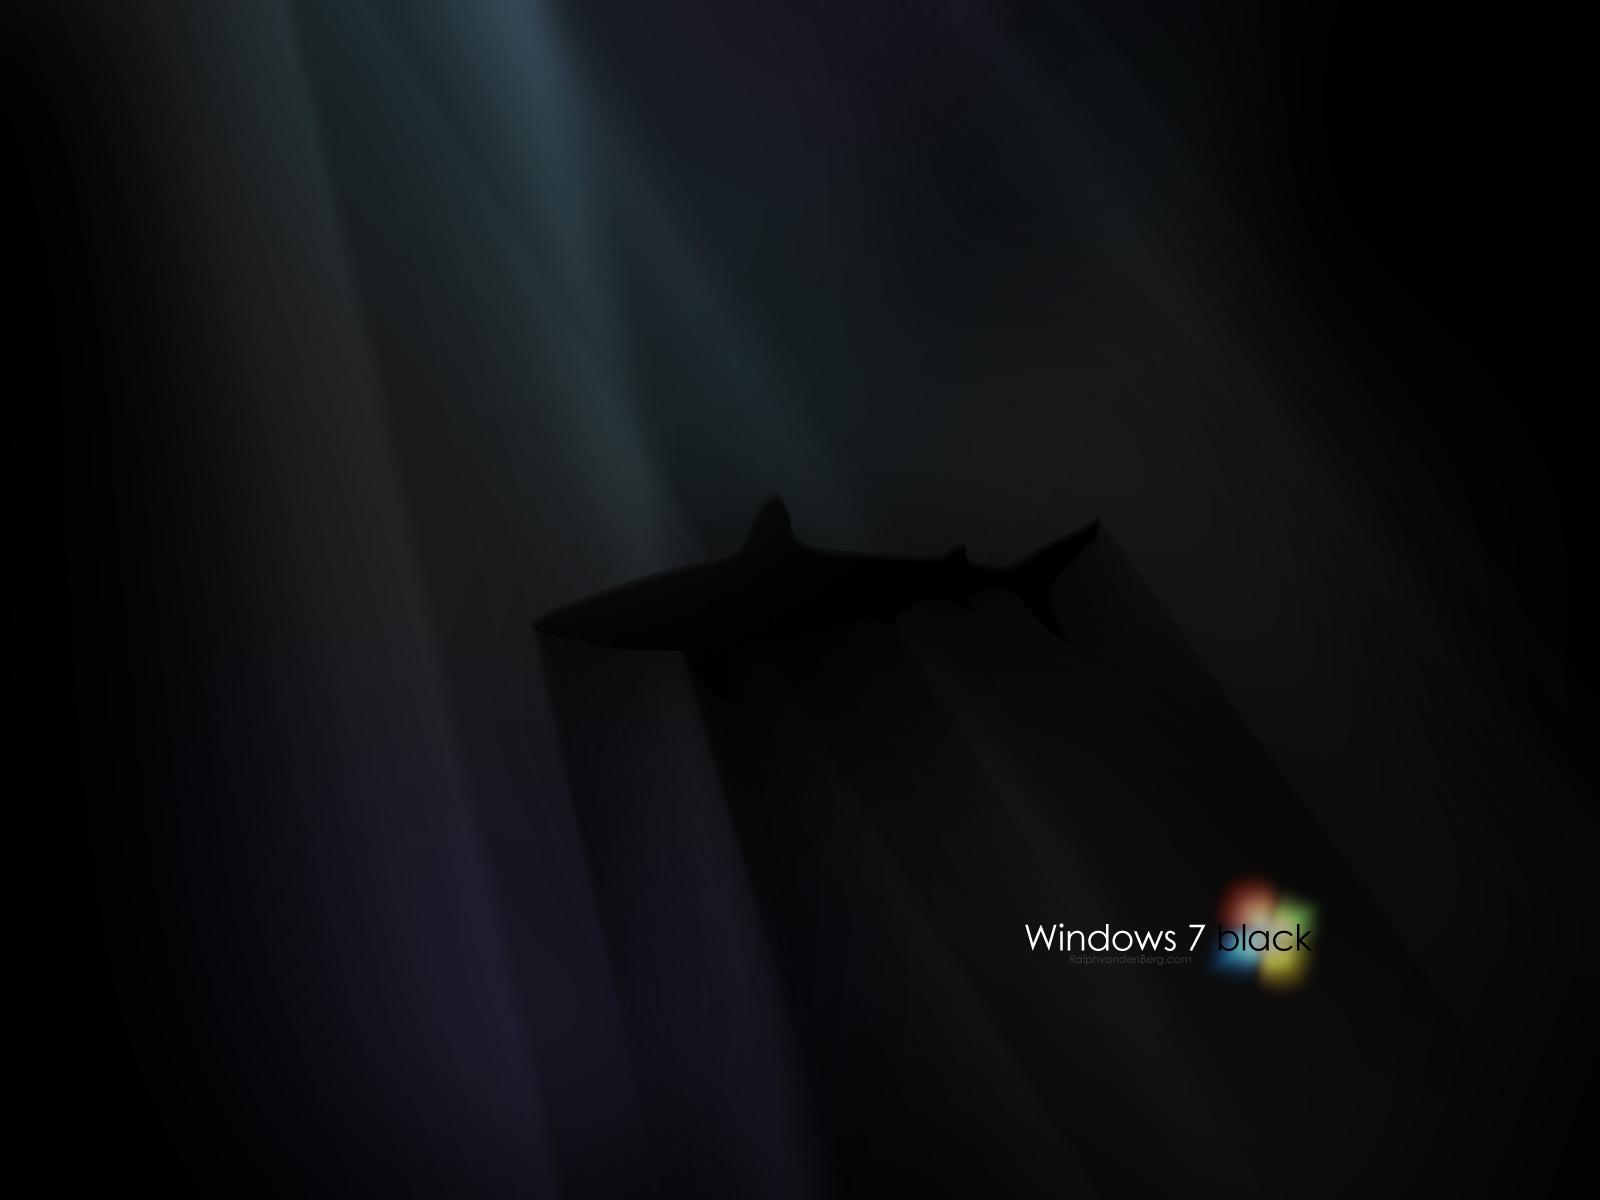 https://3.bp.blogspot.com/-9TccPis4ZwM/Tkek-ZwPEFI/AAAAAAAADO0/gFRLhDZEQzg/s1600/The-best-top-desktop-hd-dark-black-wallpapers-dark-black-wallpaper-dark-background -dark-wallpaper-20.jpg